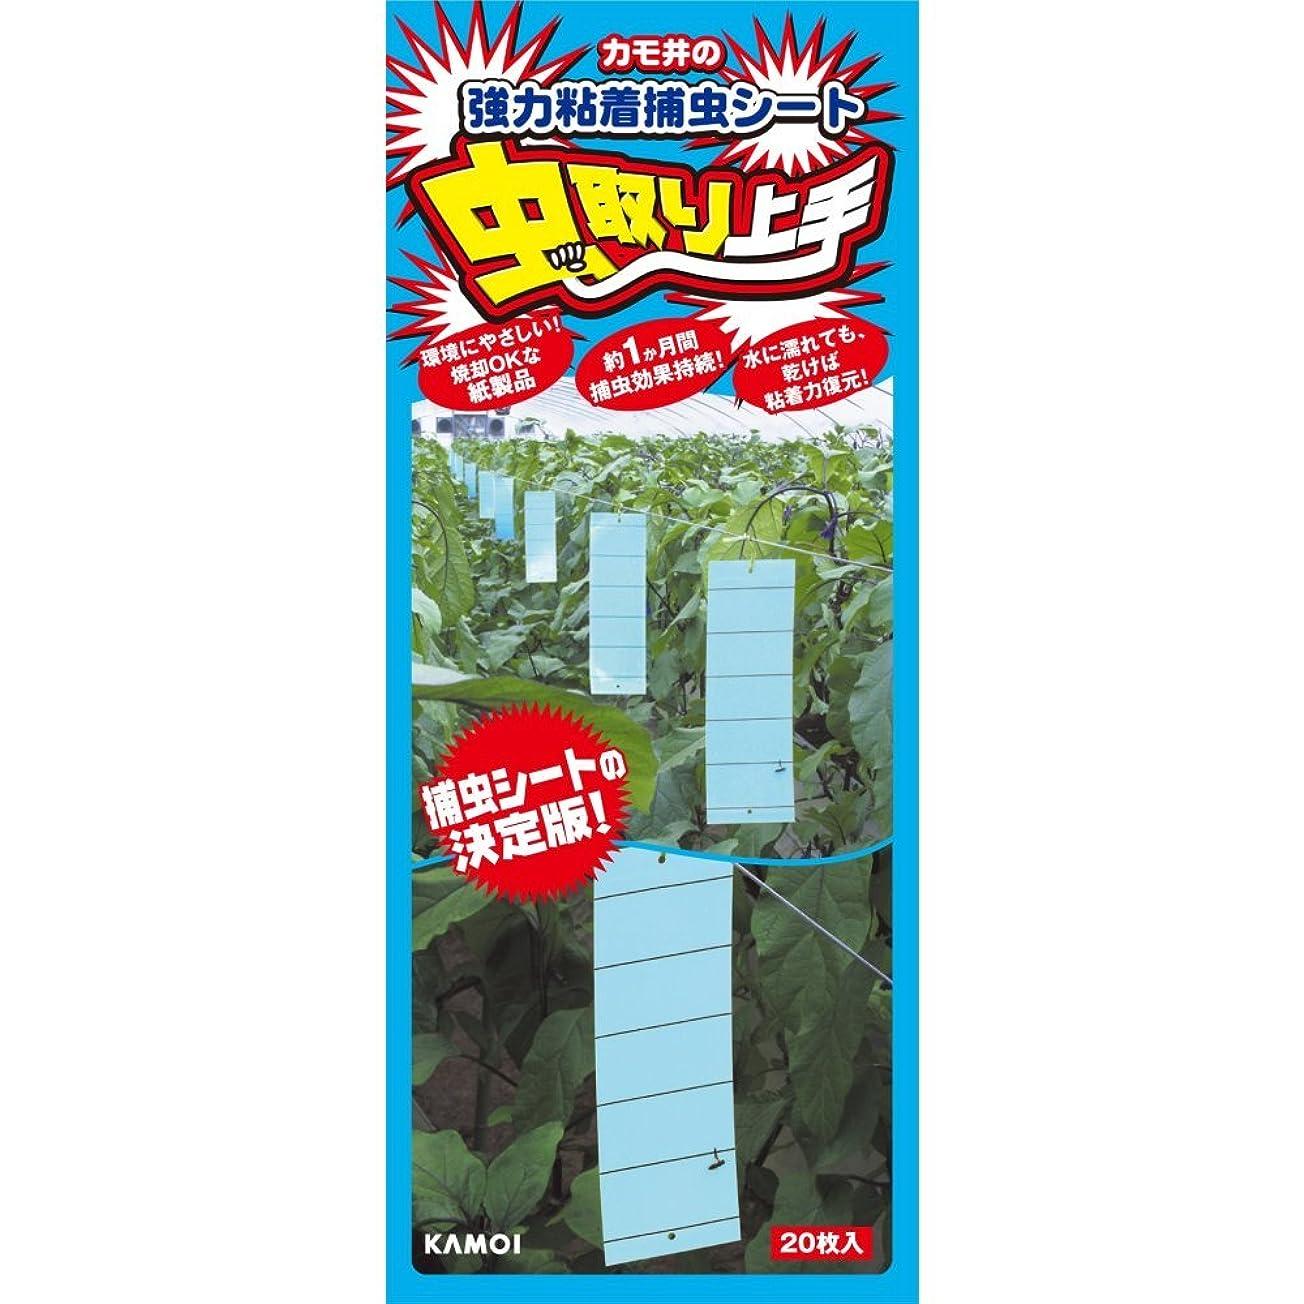 チョークデザイナー例示する虫取り上手 強力粘着捕虫シート 青色 20枚入